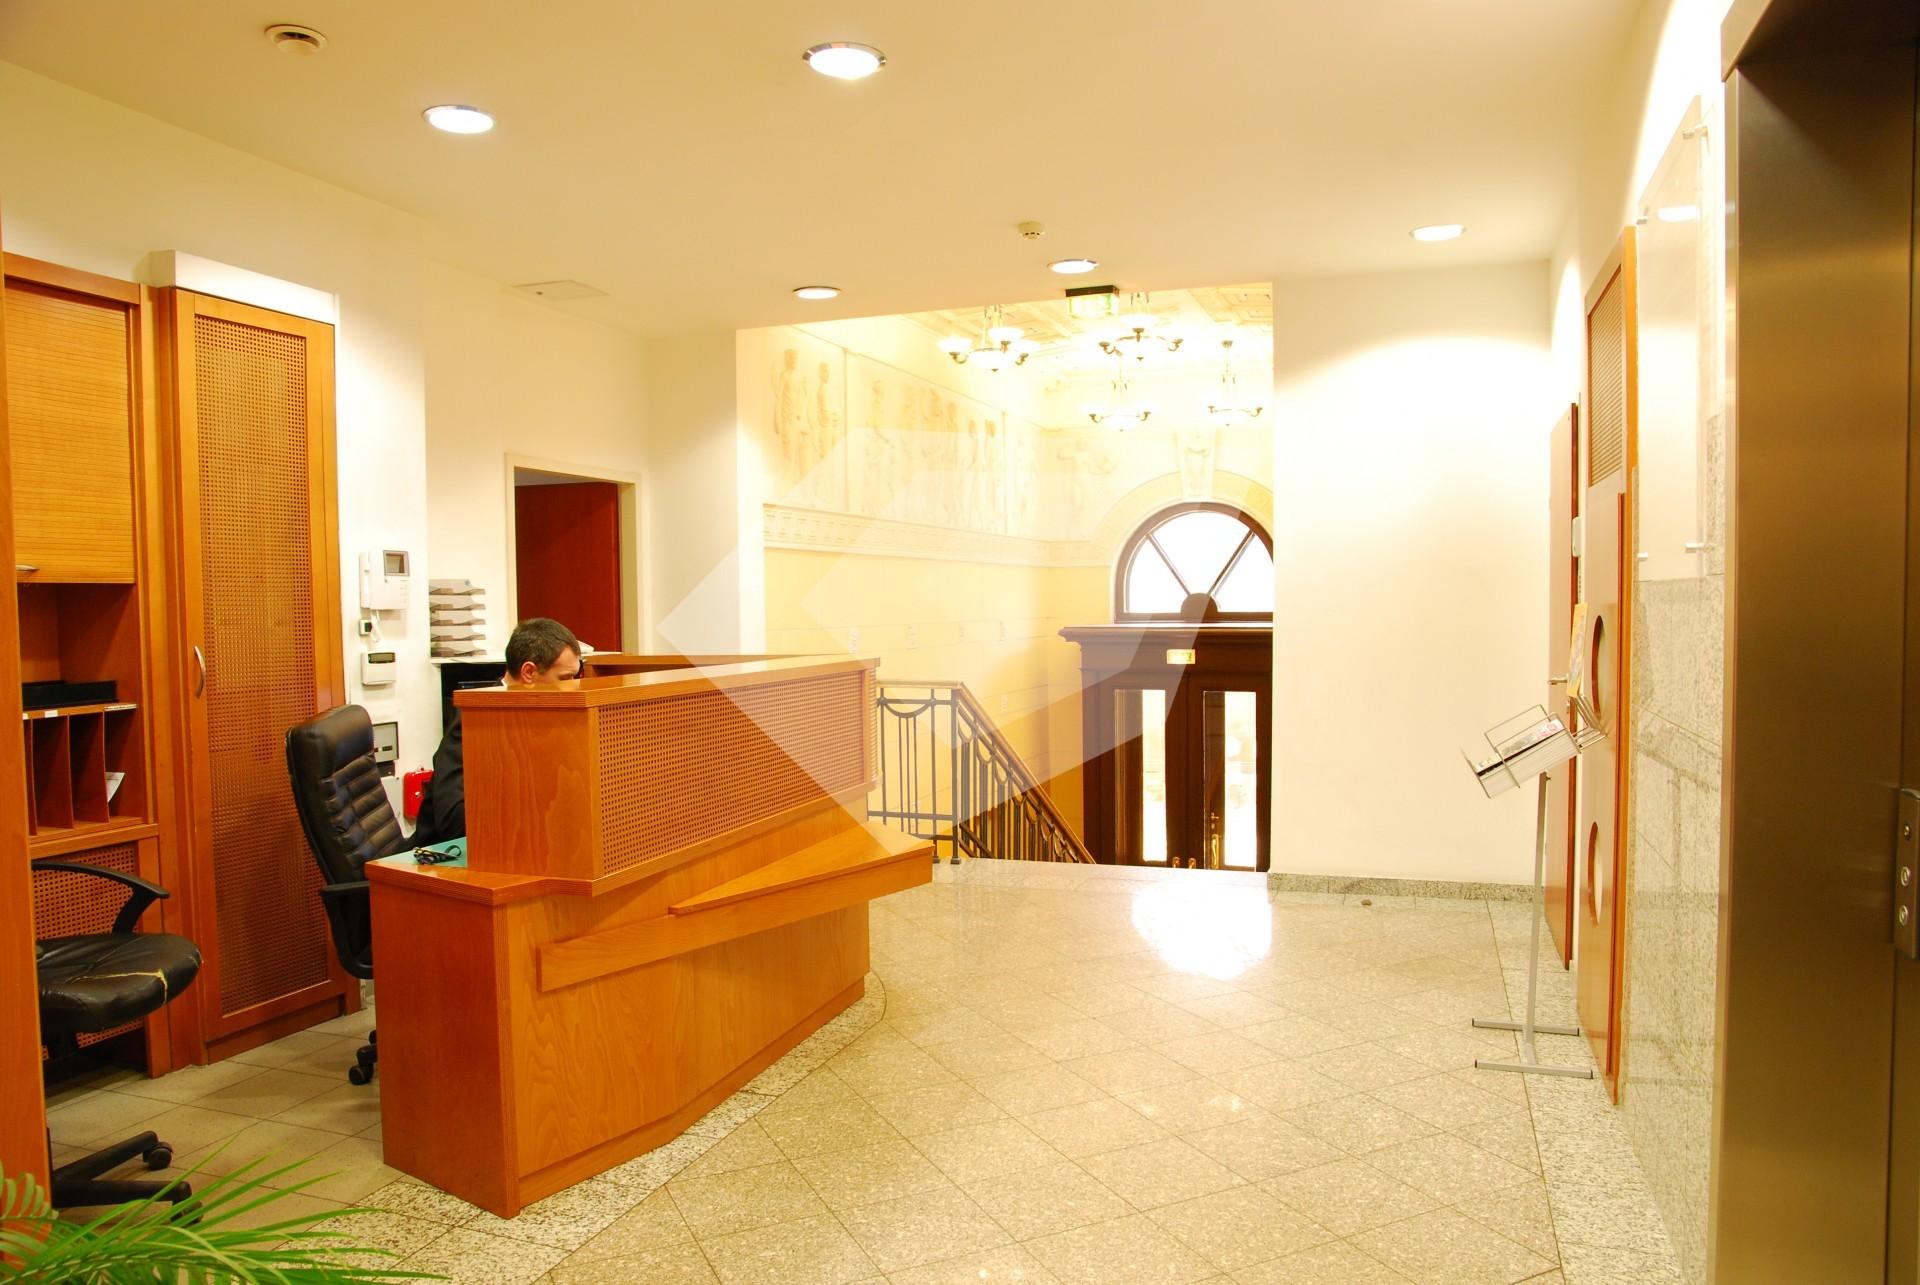 Помещение для персонала Кропоткинская коммерческая недвижимость в португалии порто